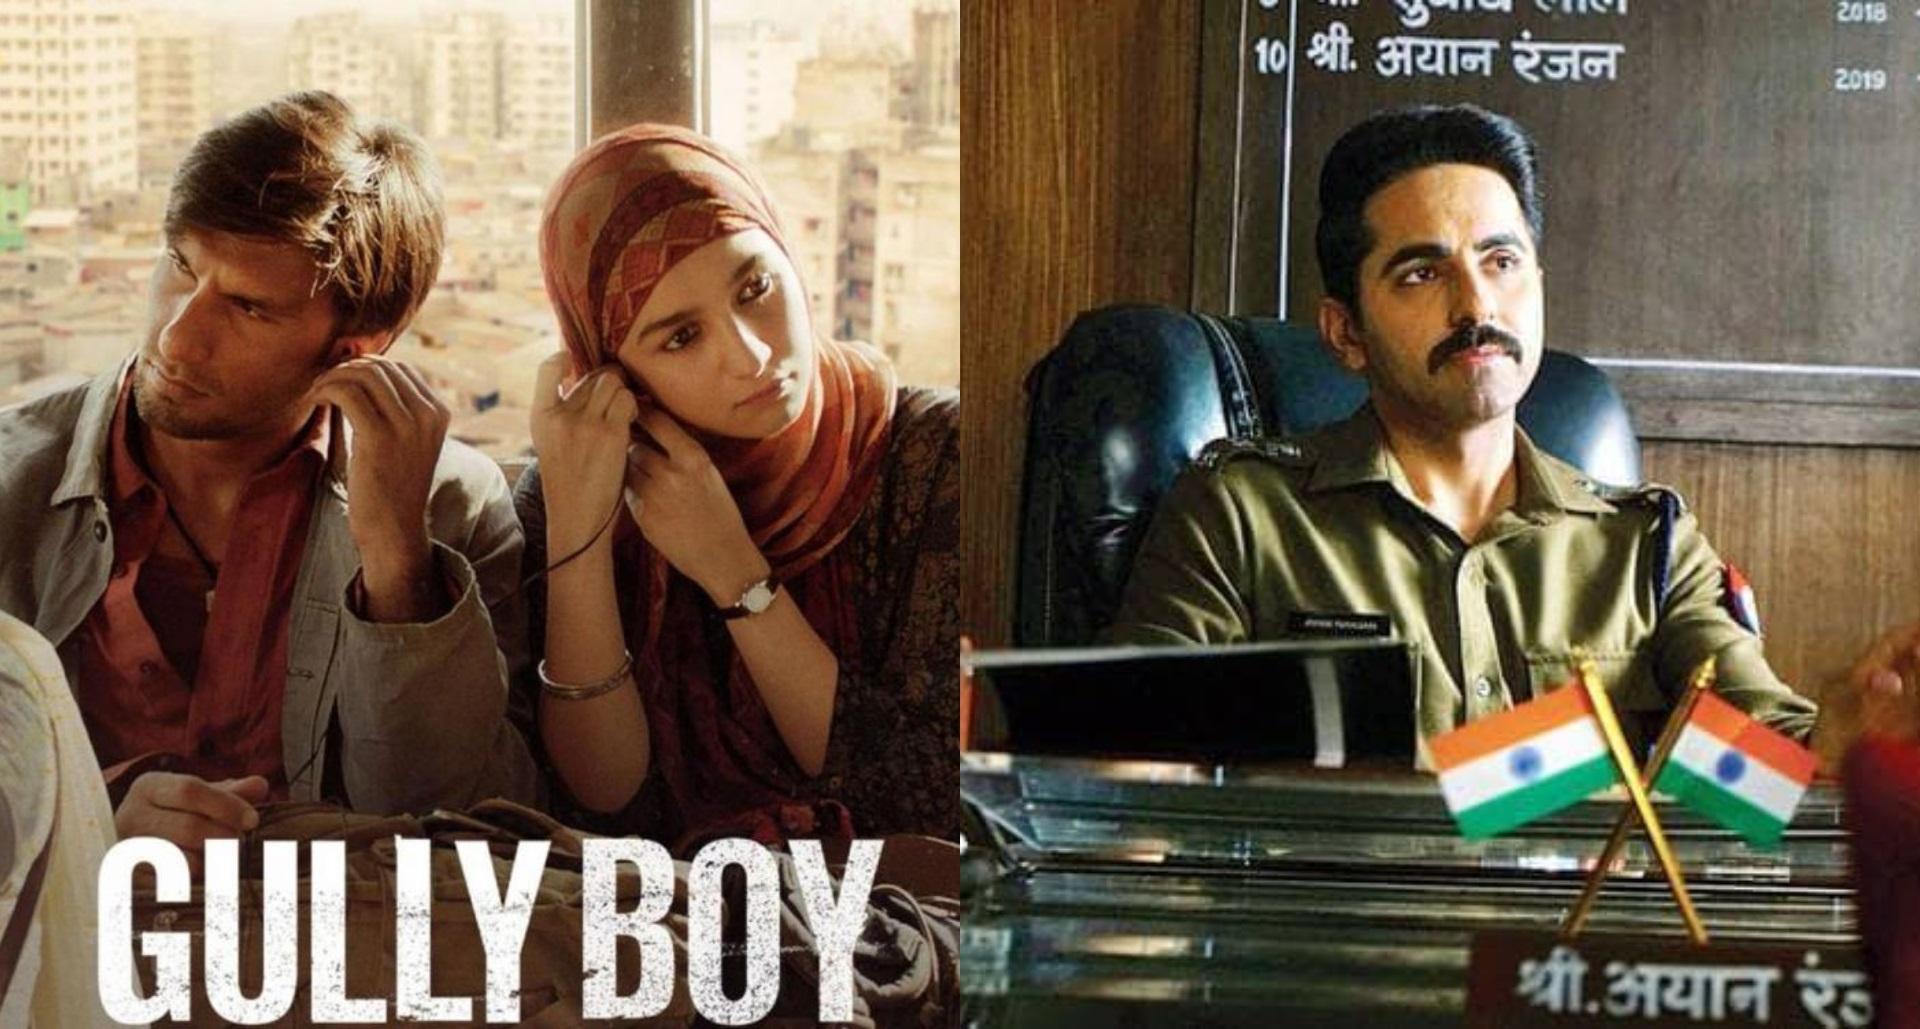 Filmfare Awards 2020: रणवीर सिंह की गली बॉय से लेकर आयुष्मान खुराना की आर्टिकल 15 तक, देखिये किसने क्या जीता